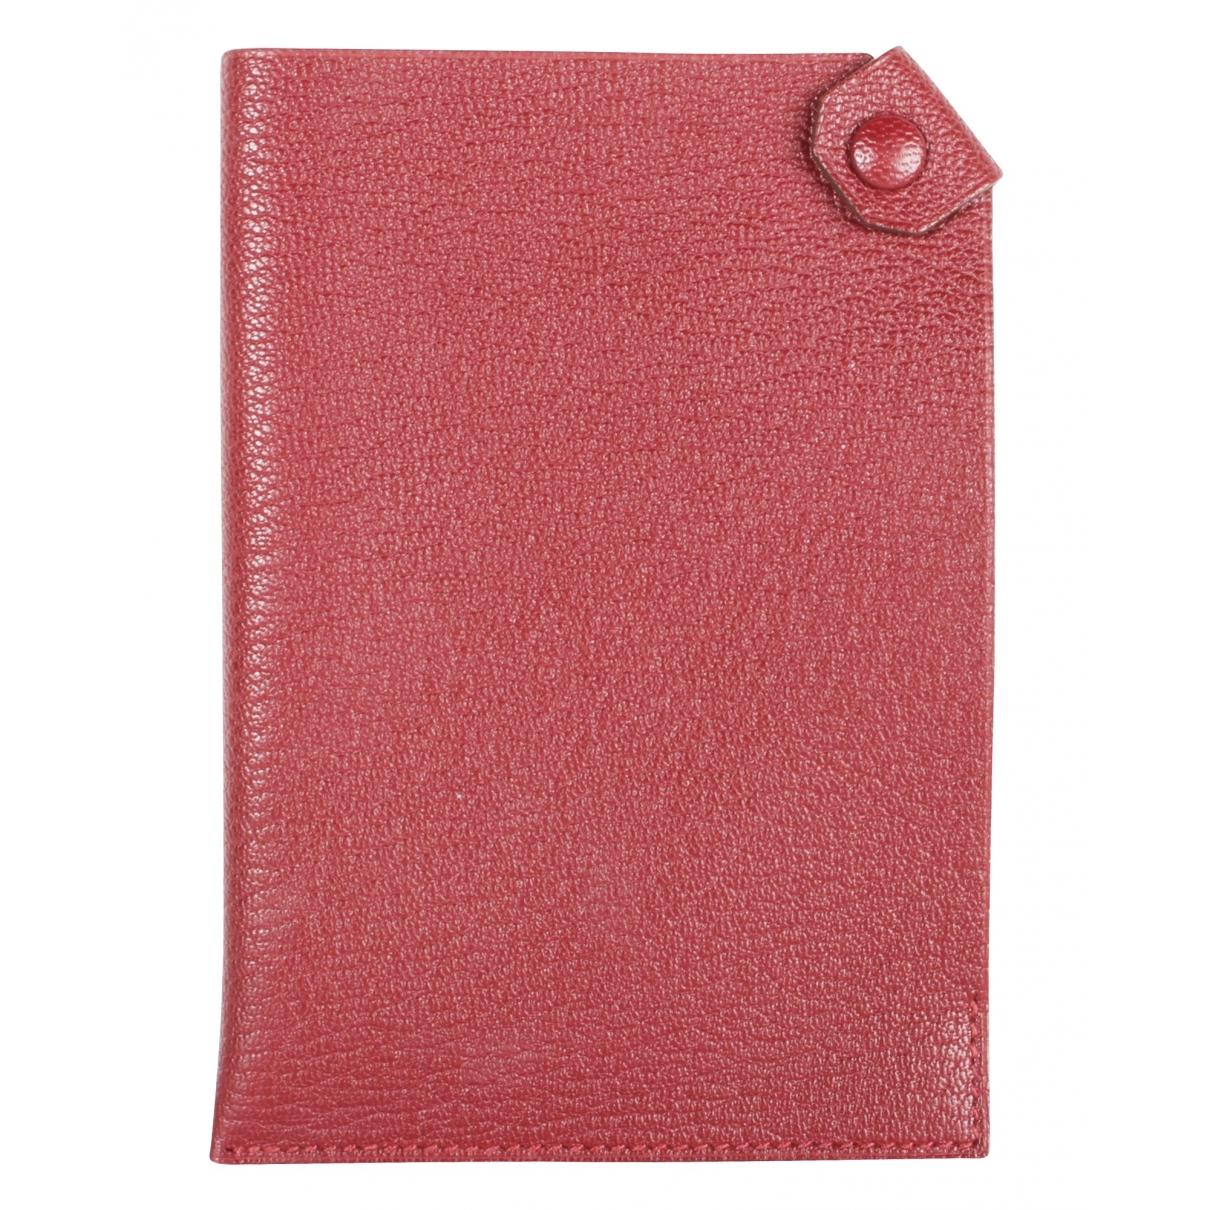 Hermès \N Burgundy Leather wallet for Women \N